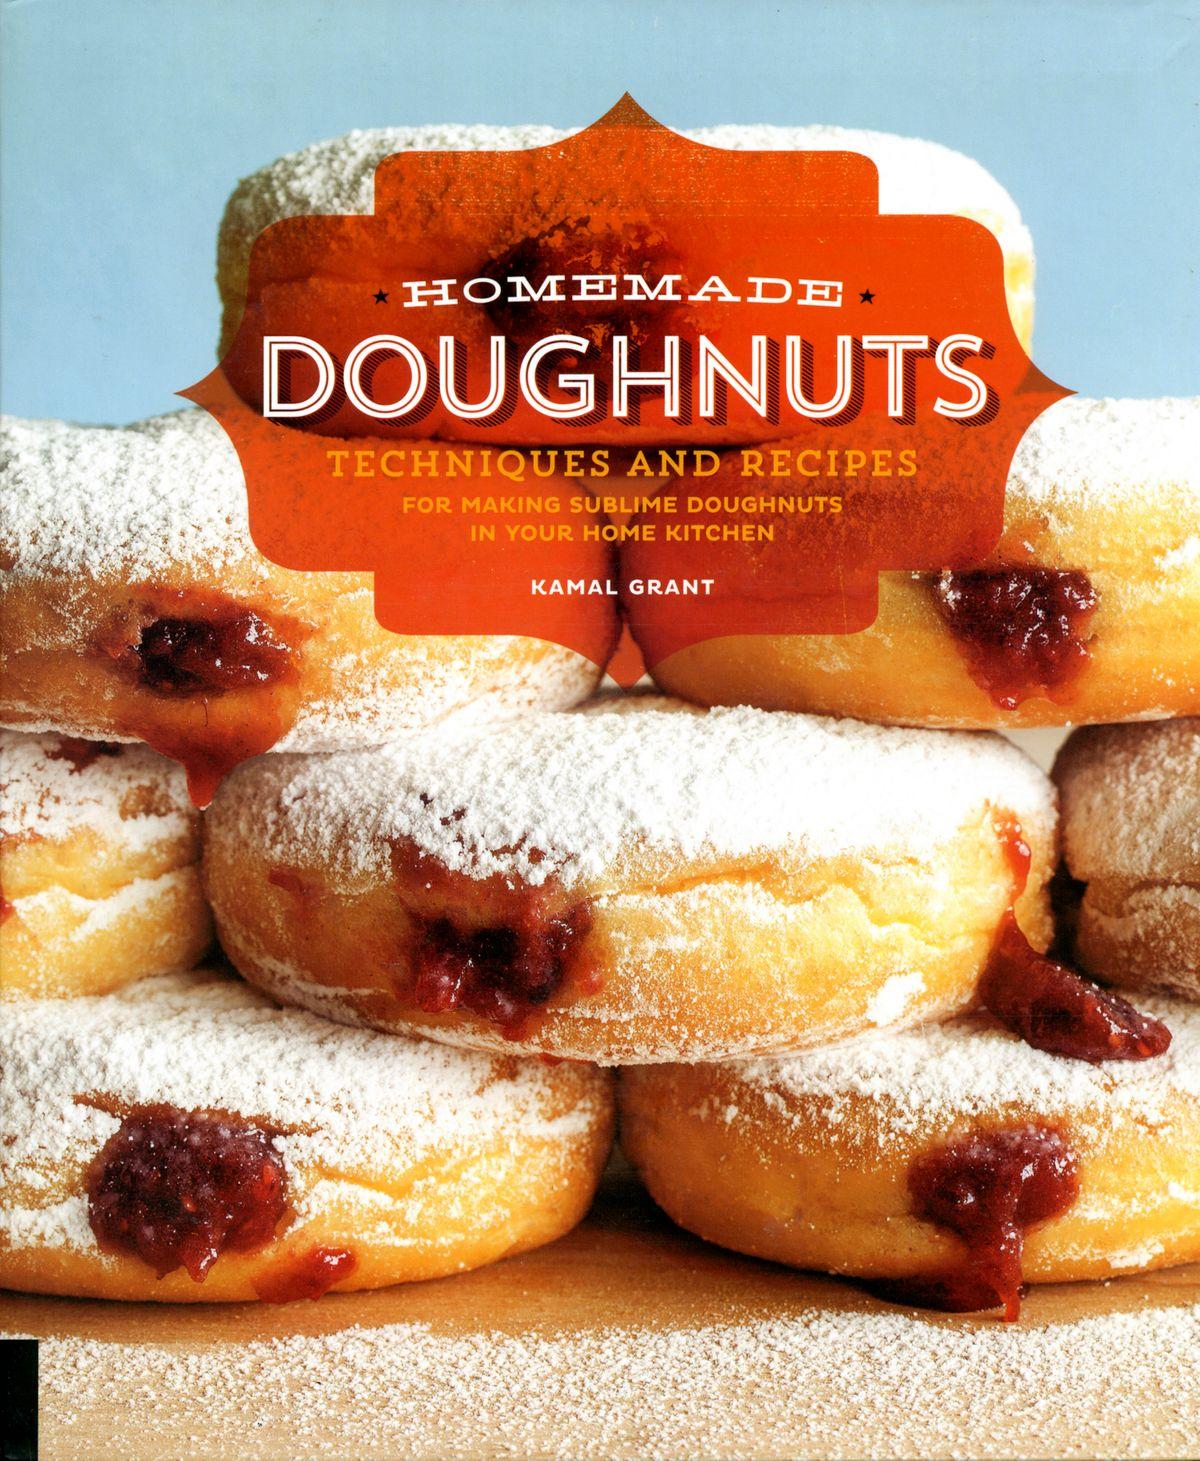 HomemadeDoughnuts_021.jpg